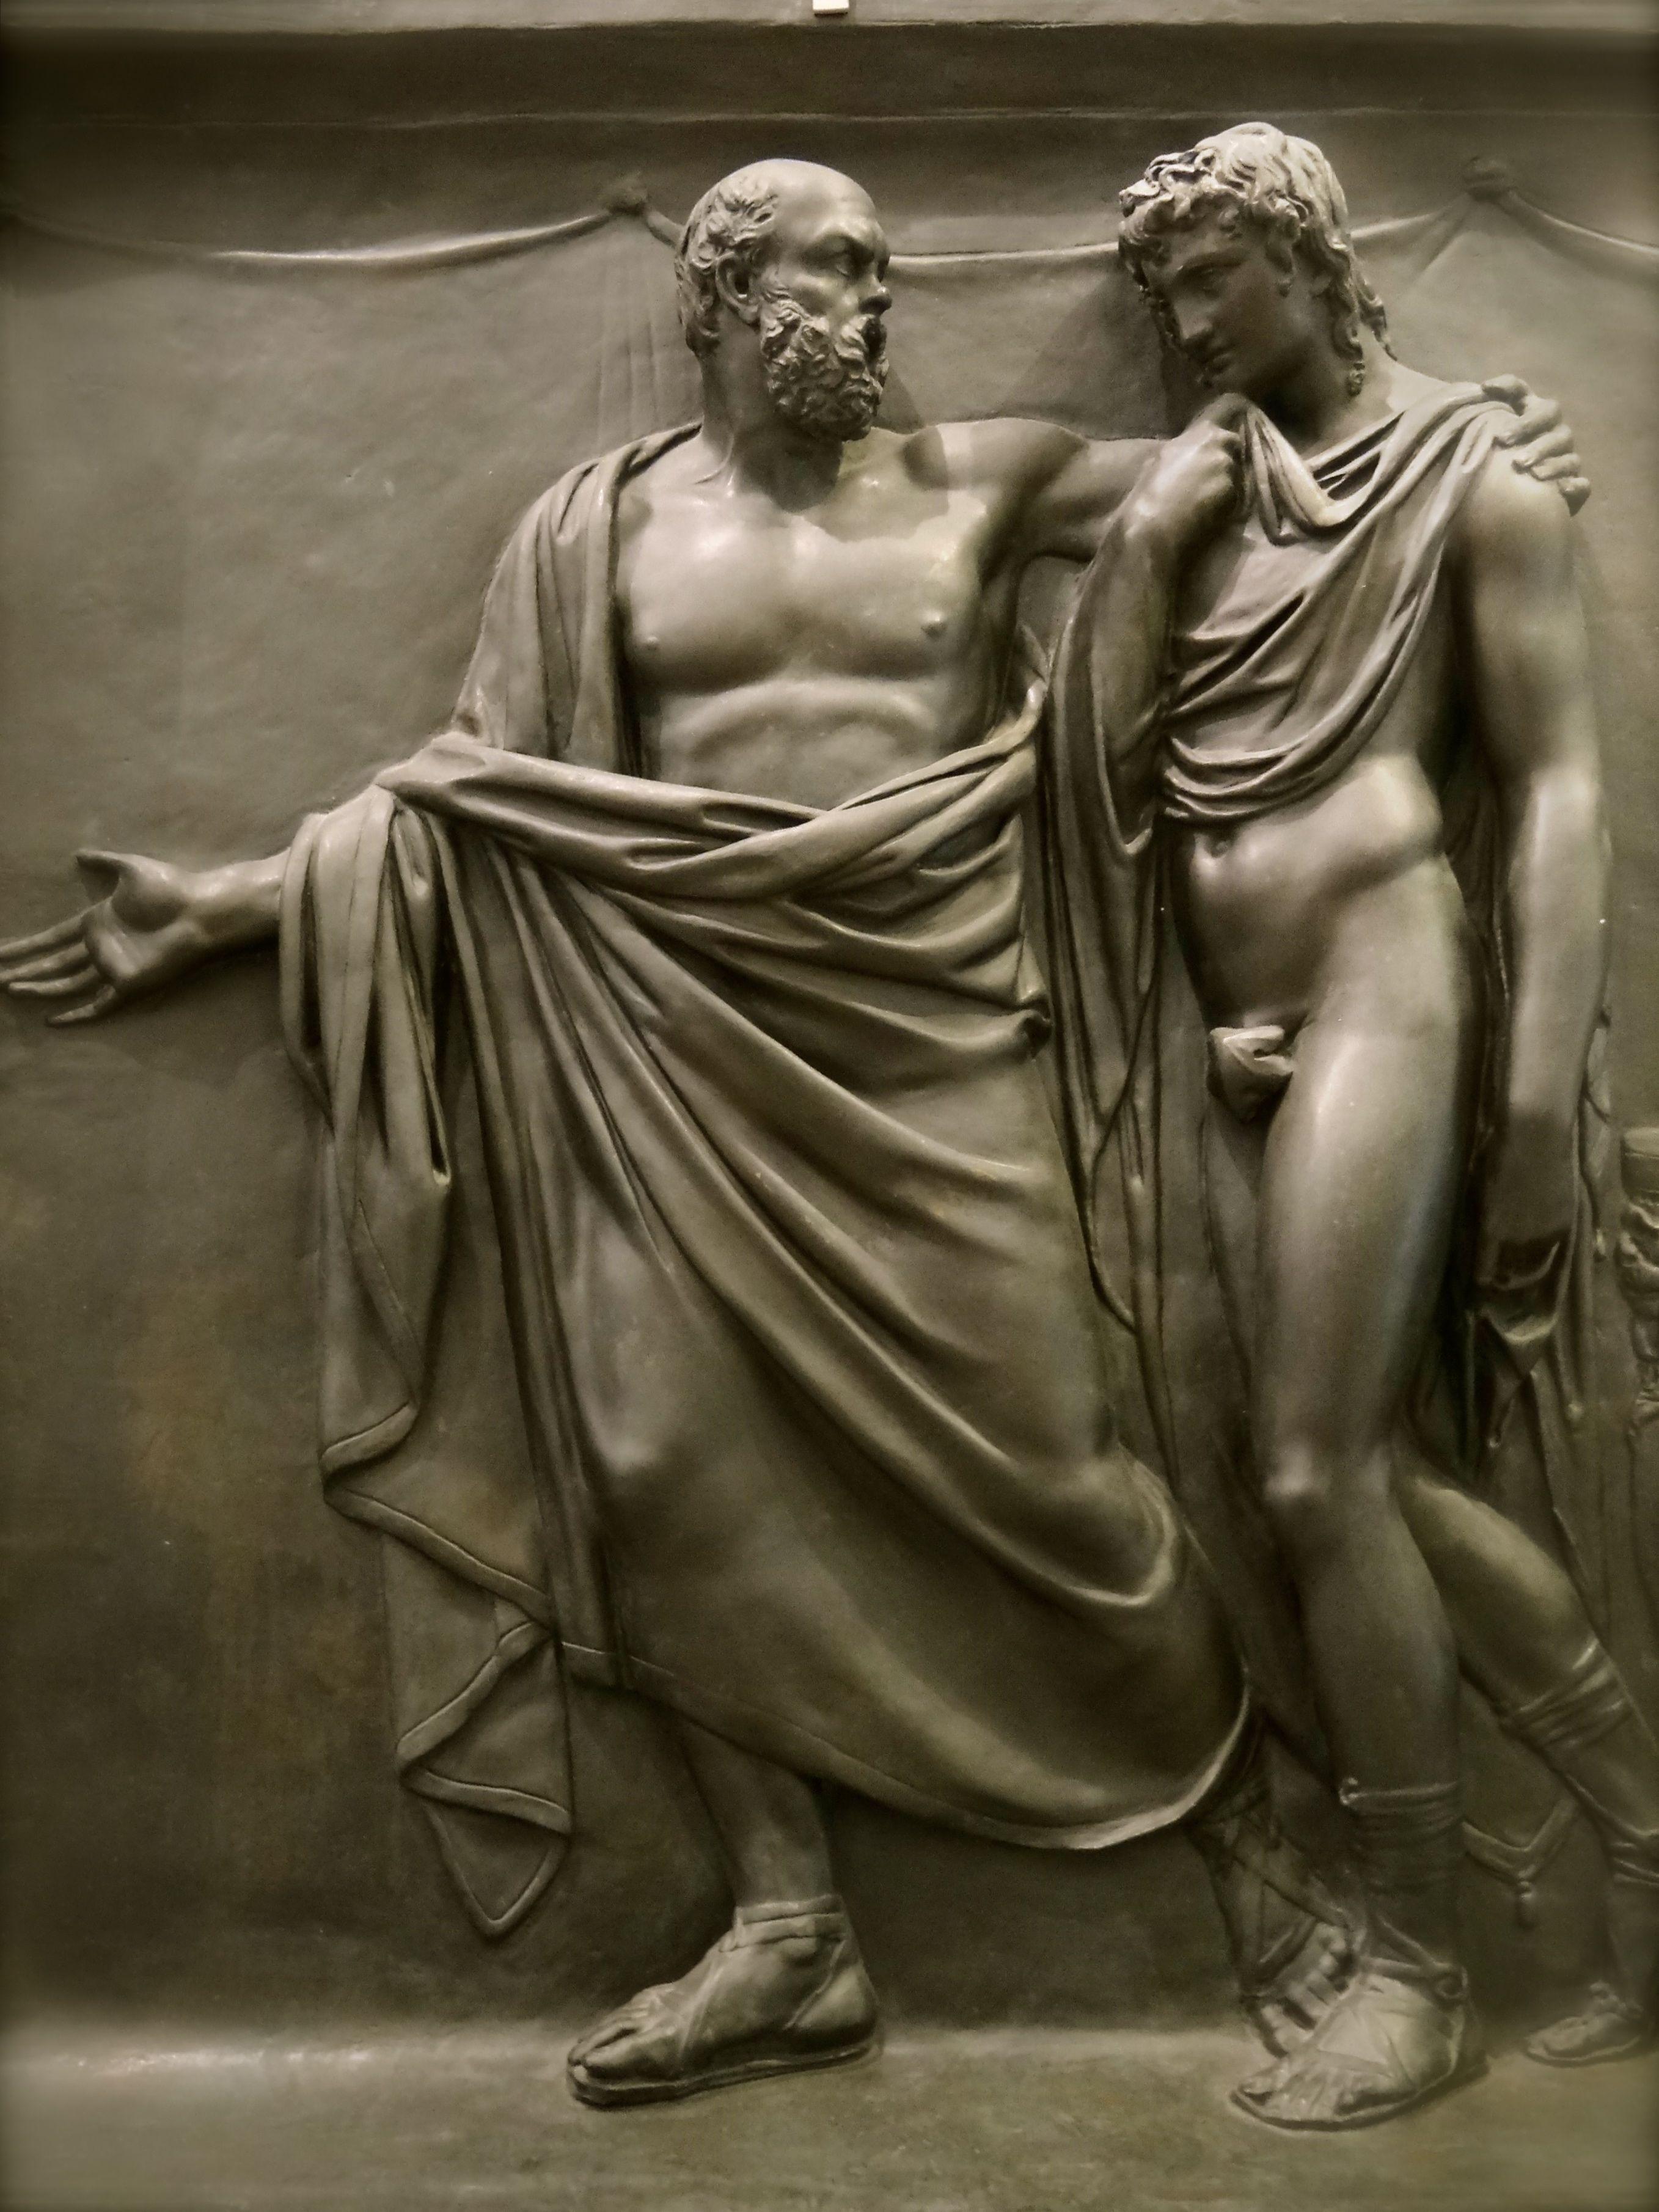 Gallerie d'art moderne. Milano. Socrate invite Alcibiade à sortir d'une maison de courtisanes. Bas relief de Pompeo Marchesi